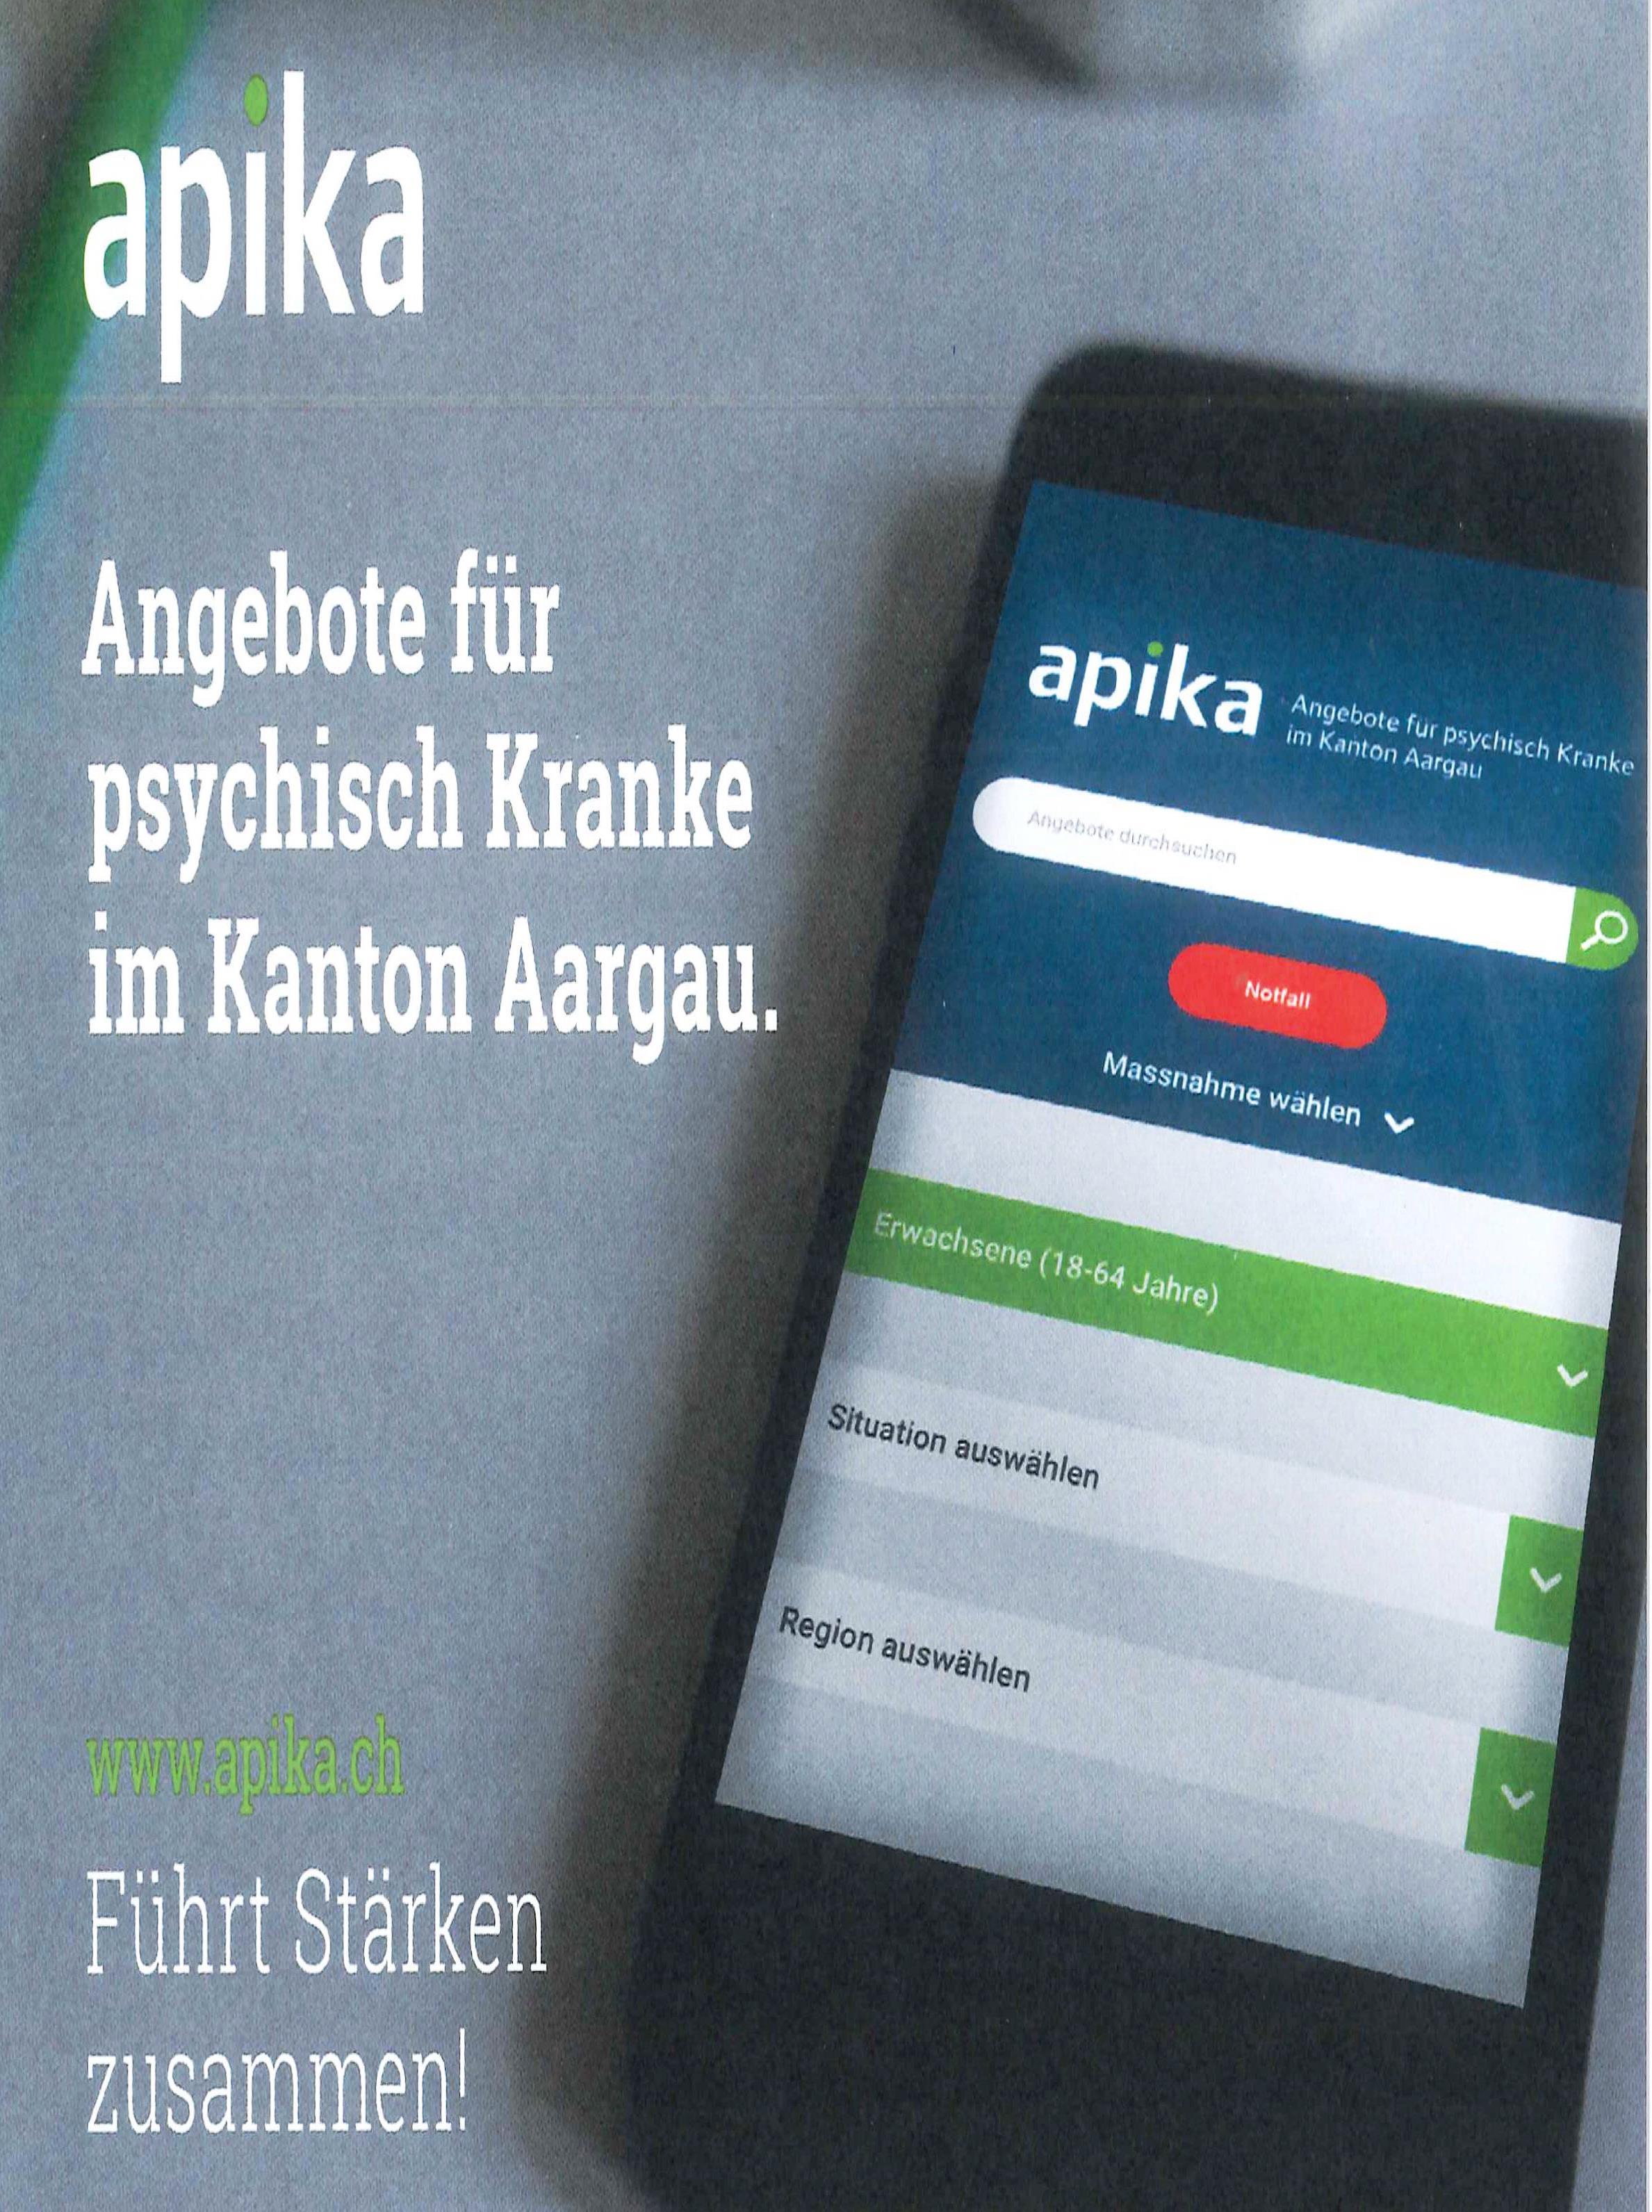 Apika - Angebote für psychisch Kranke im Kanton Aargau | KABO